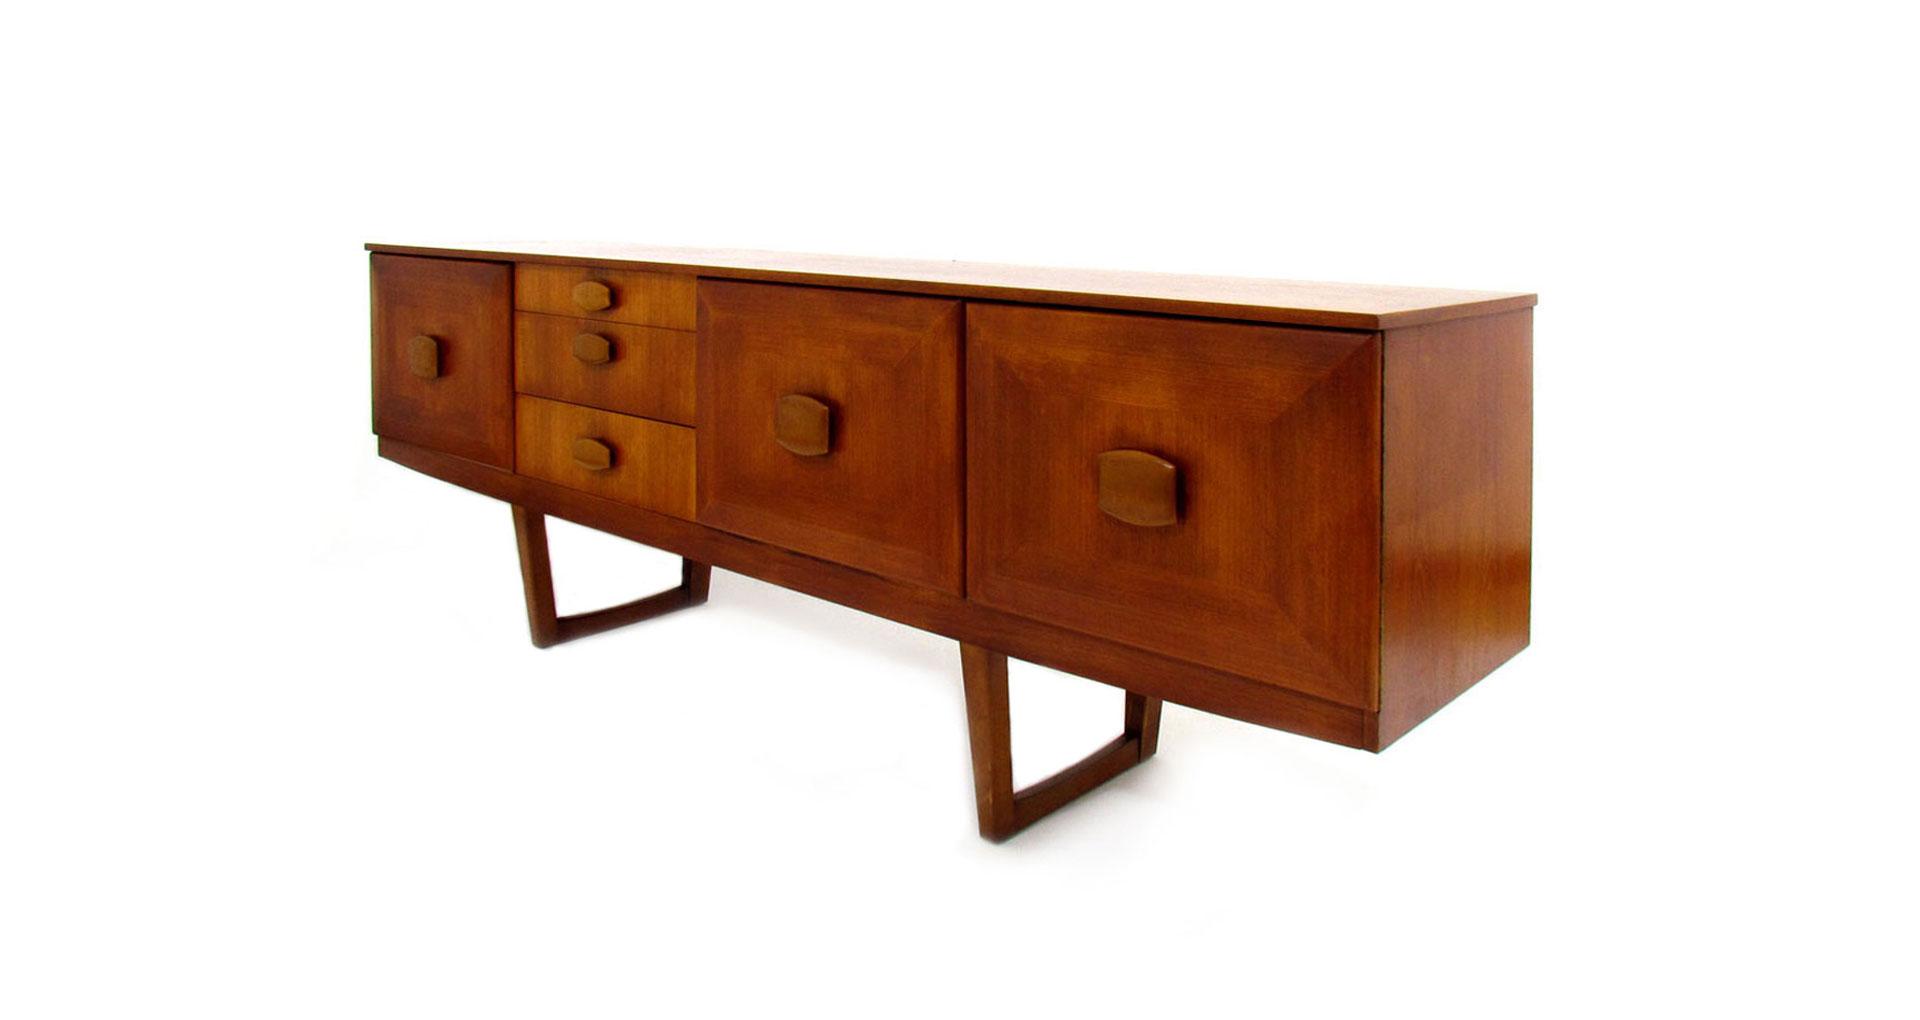 sideboard danish teak vintage scandinavian scandinavo danese credenza '60 '50